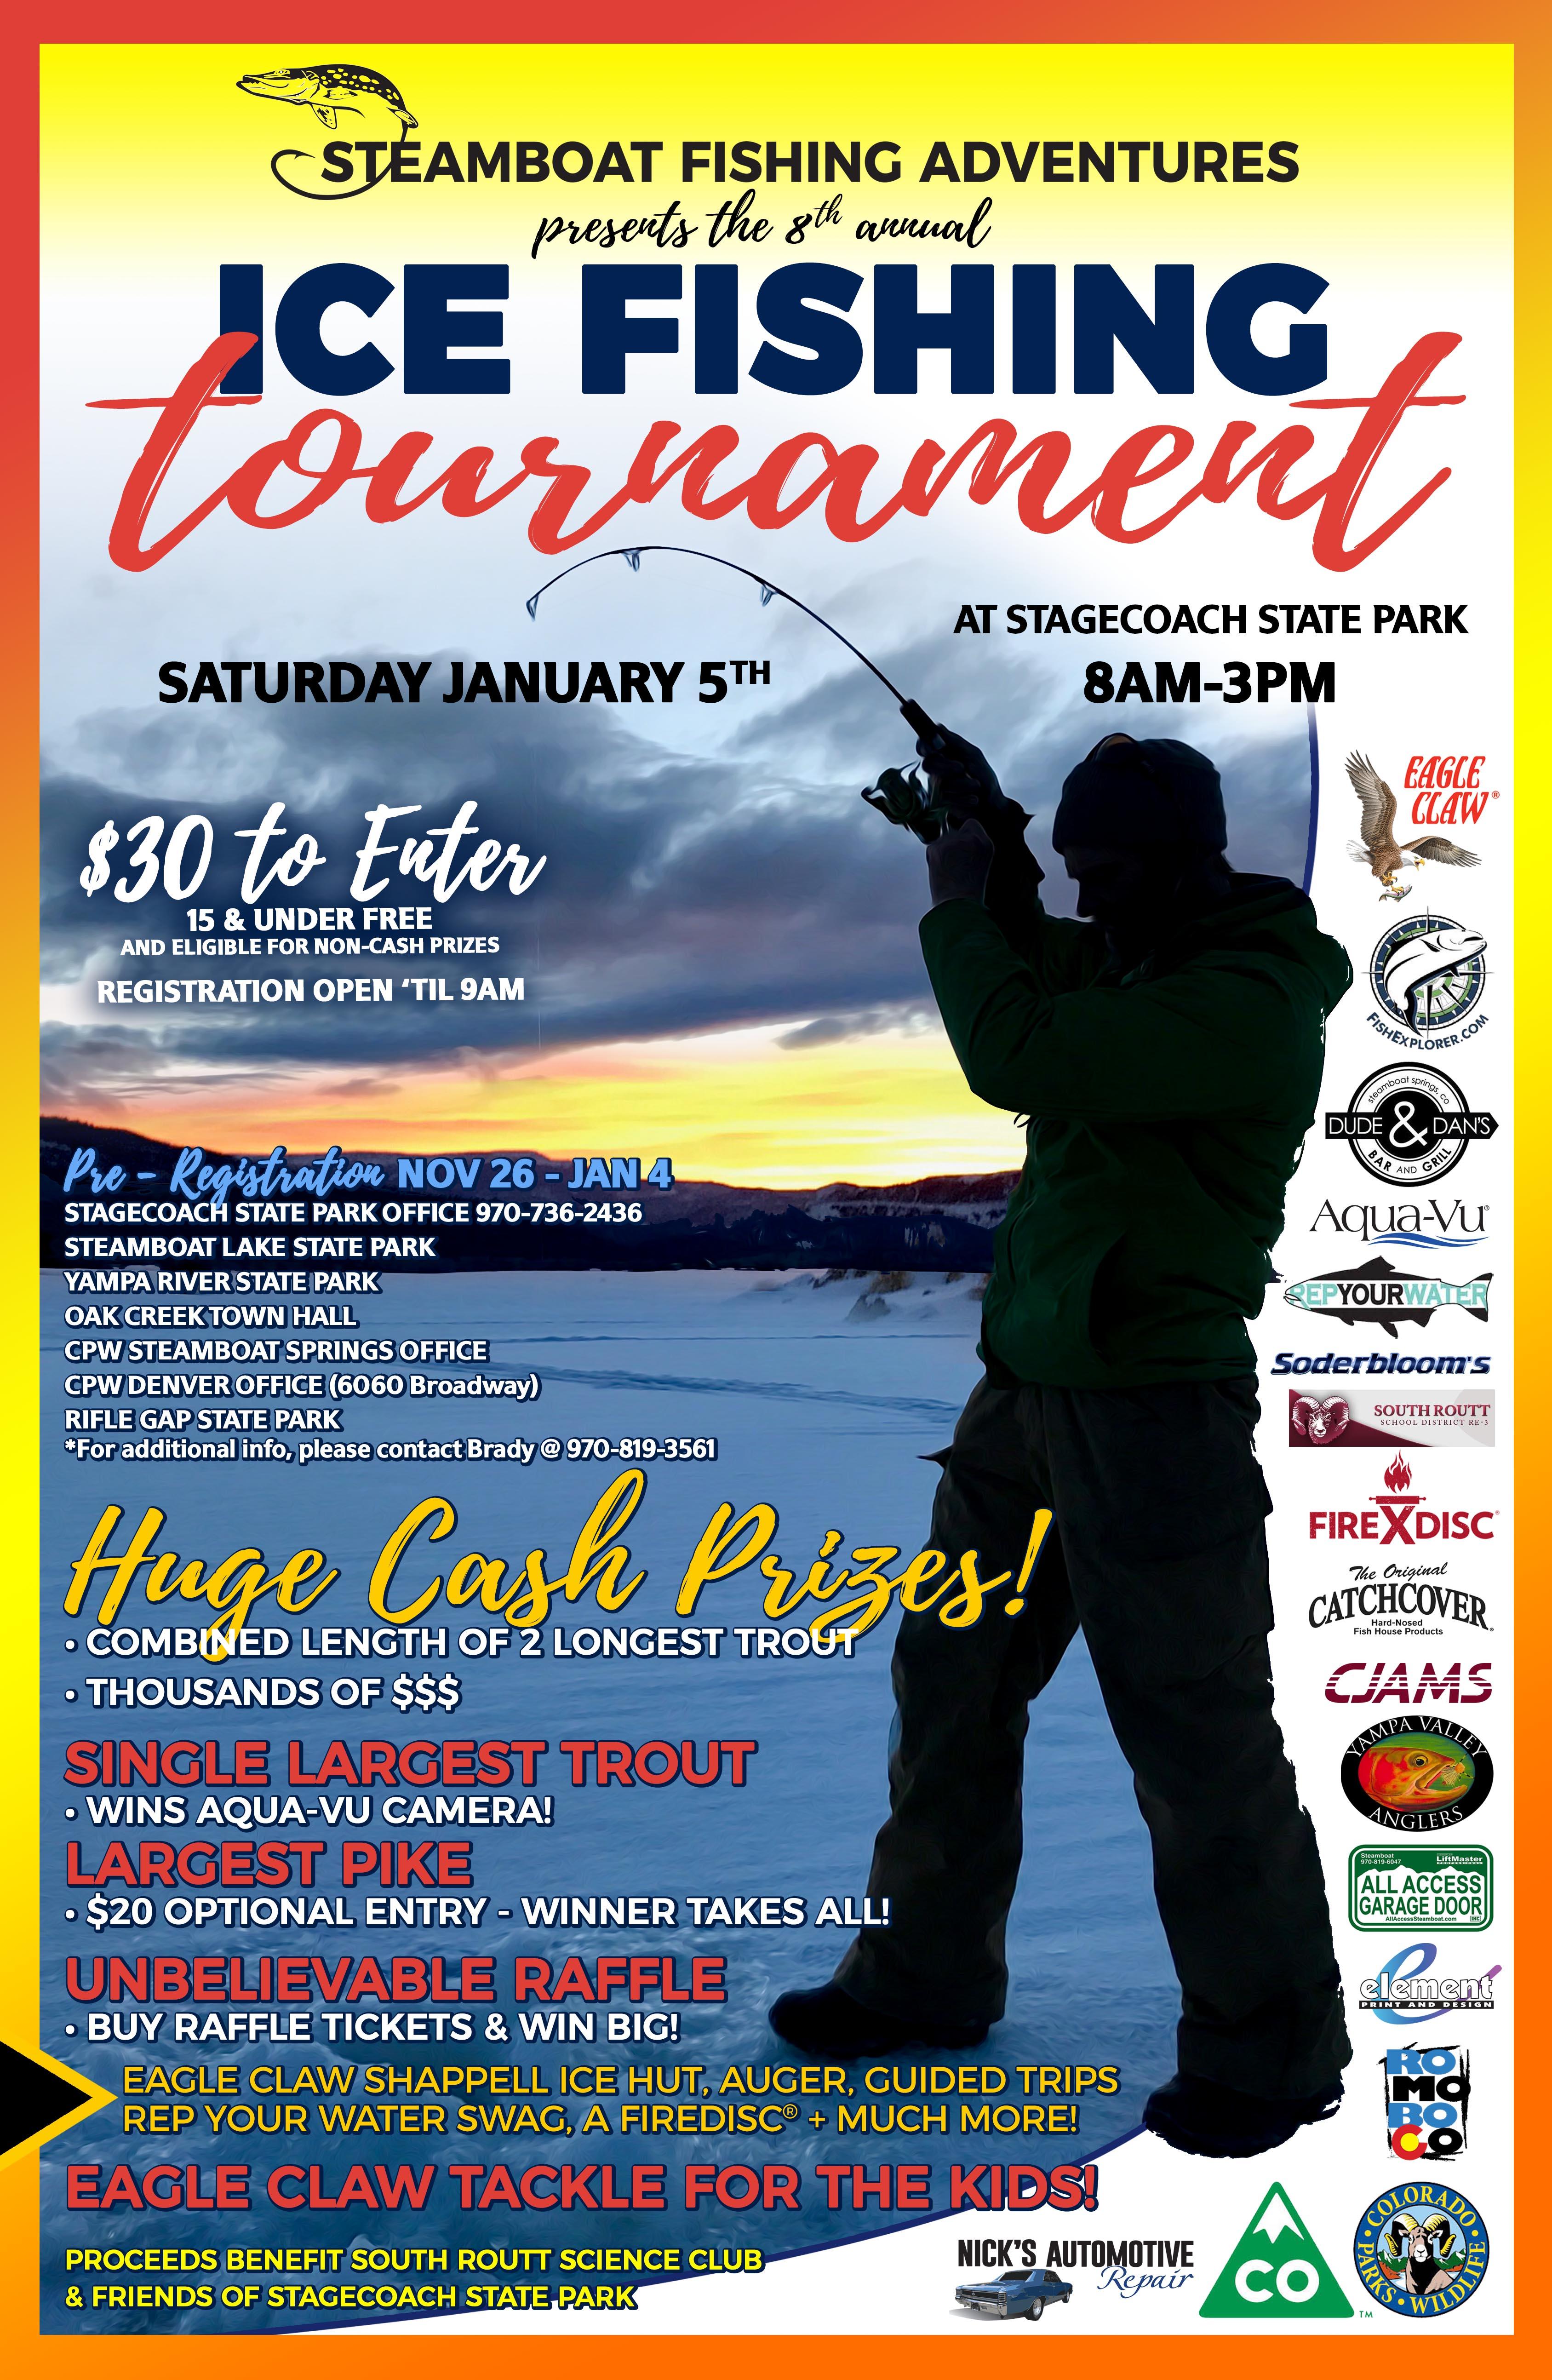 Colorado Fishing Events Calendar - FishExplorer com